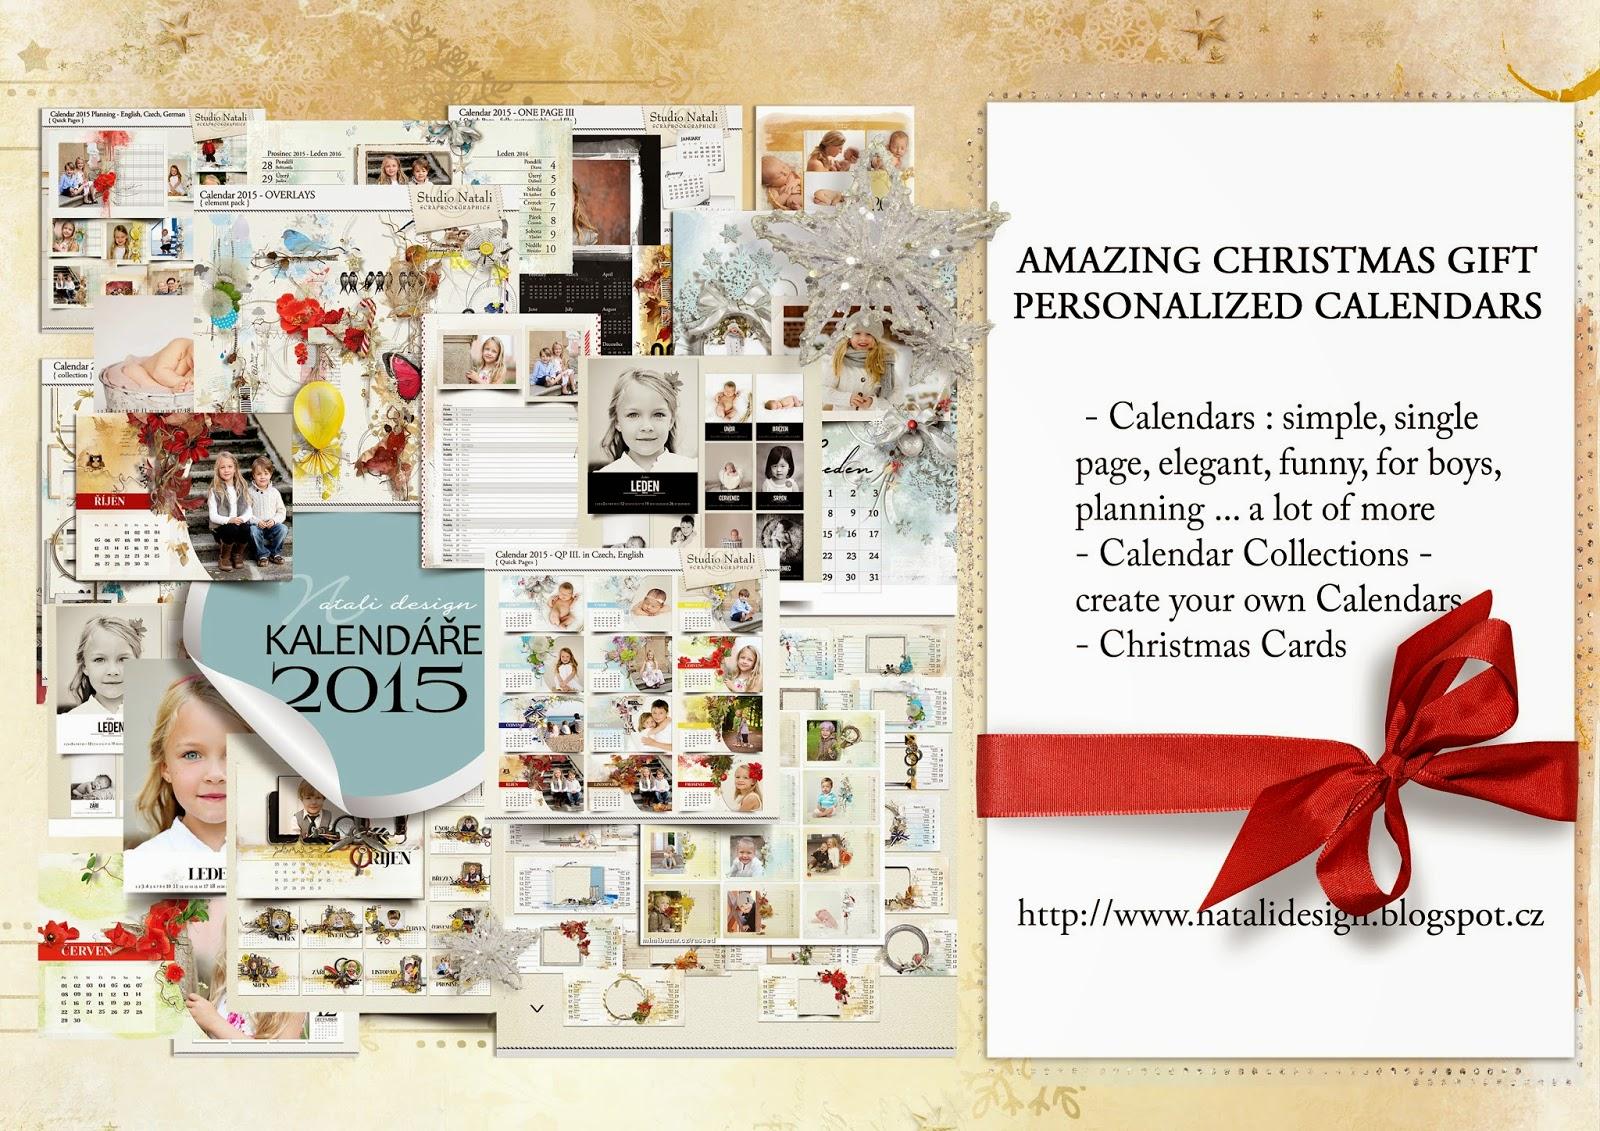 http://shop.scrapbookgraphics.com/Natali-Design/?catid=316